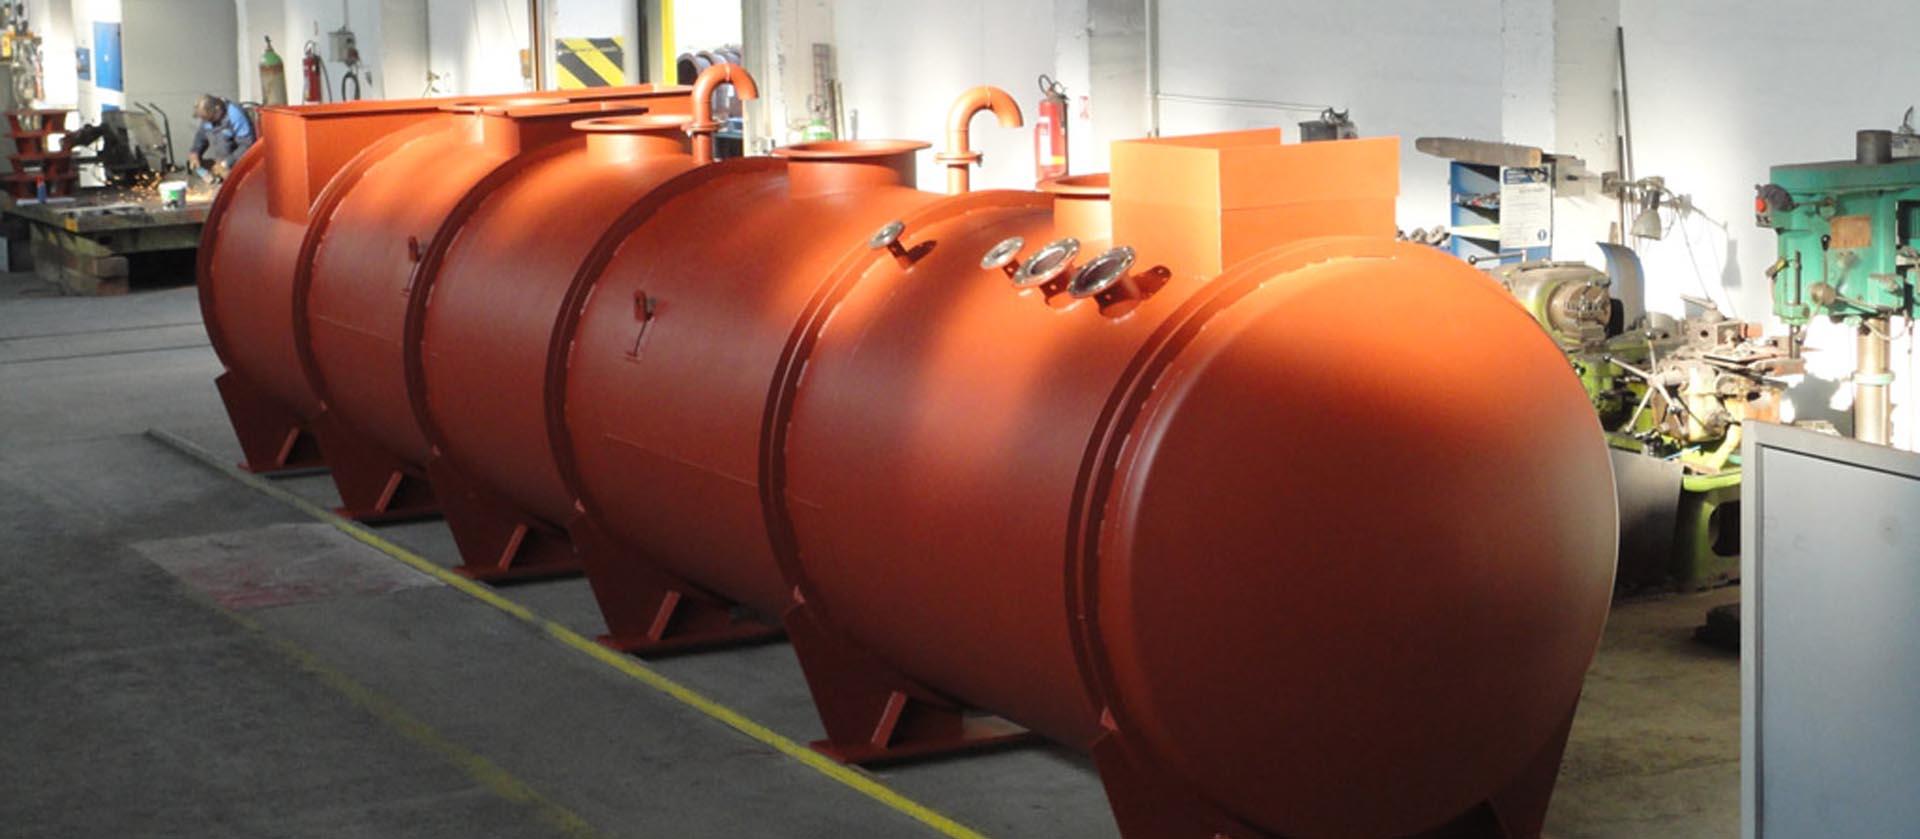 Stroje pro potravinářský a chemický průmysl